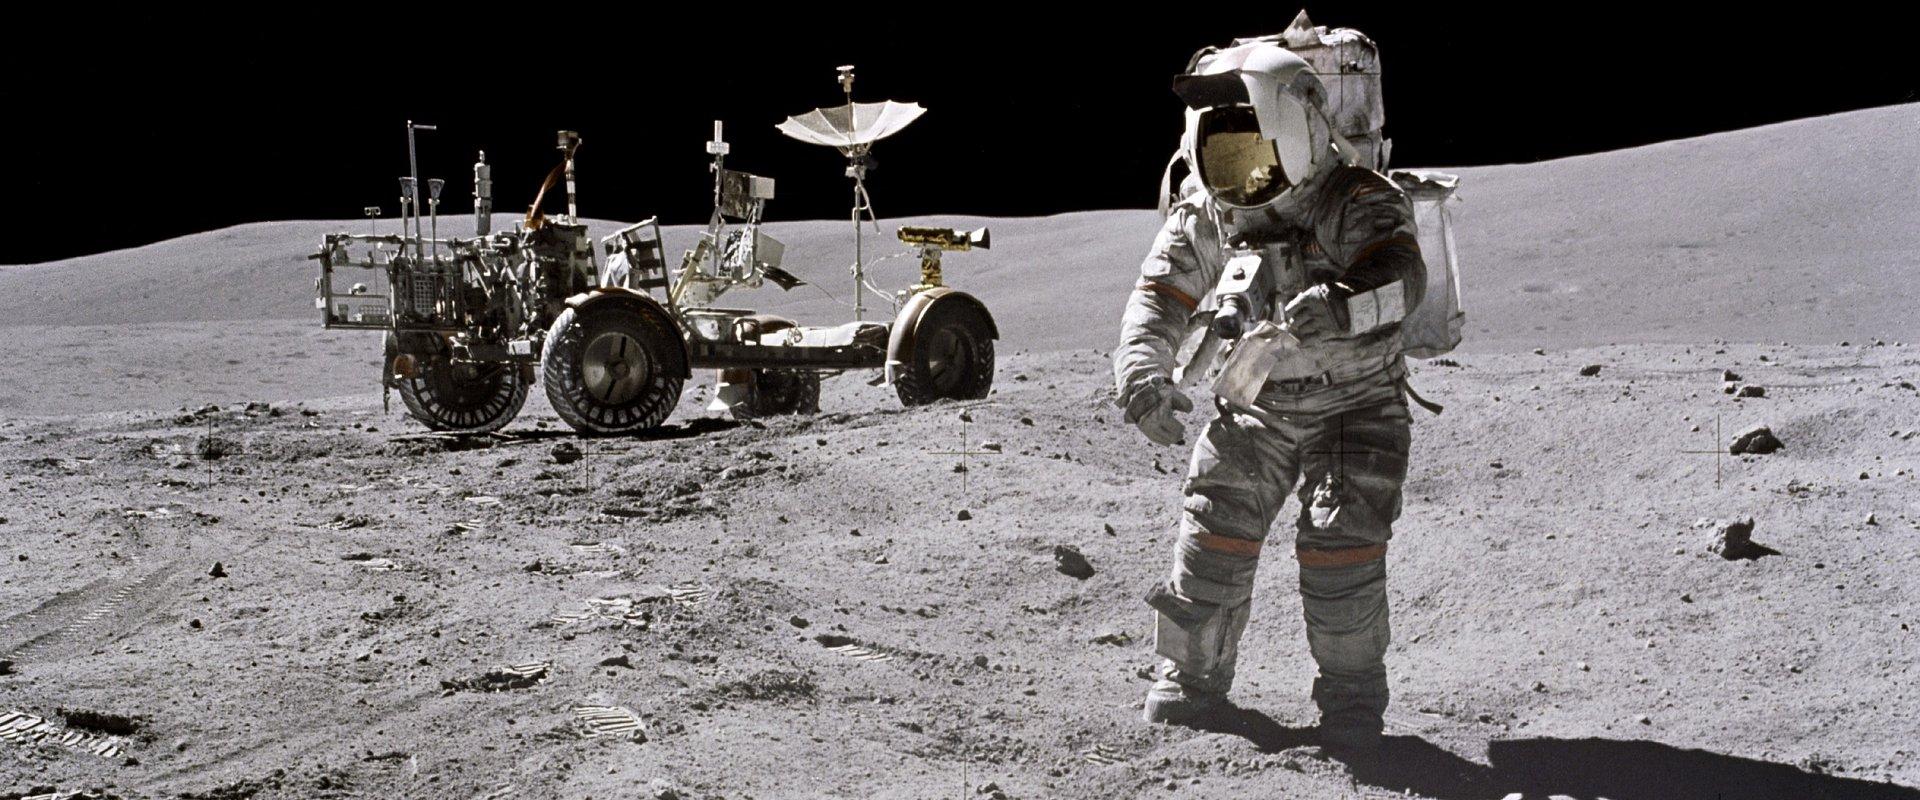 """""""To jeden mały krok dla człowieka, ale wielki skok dla ludzkości"""" – Discovery Channel i Discovery Science obchodzą 50. rocznicę lądowania na Księżycu"""